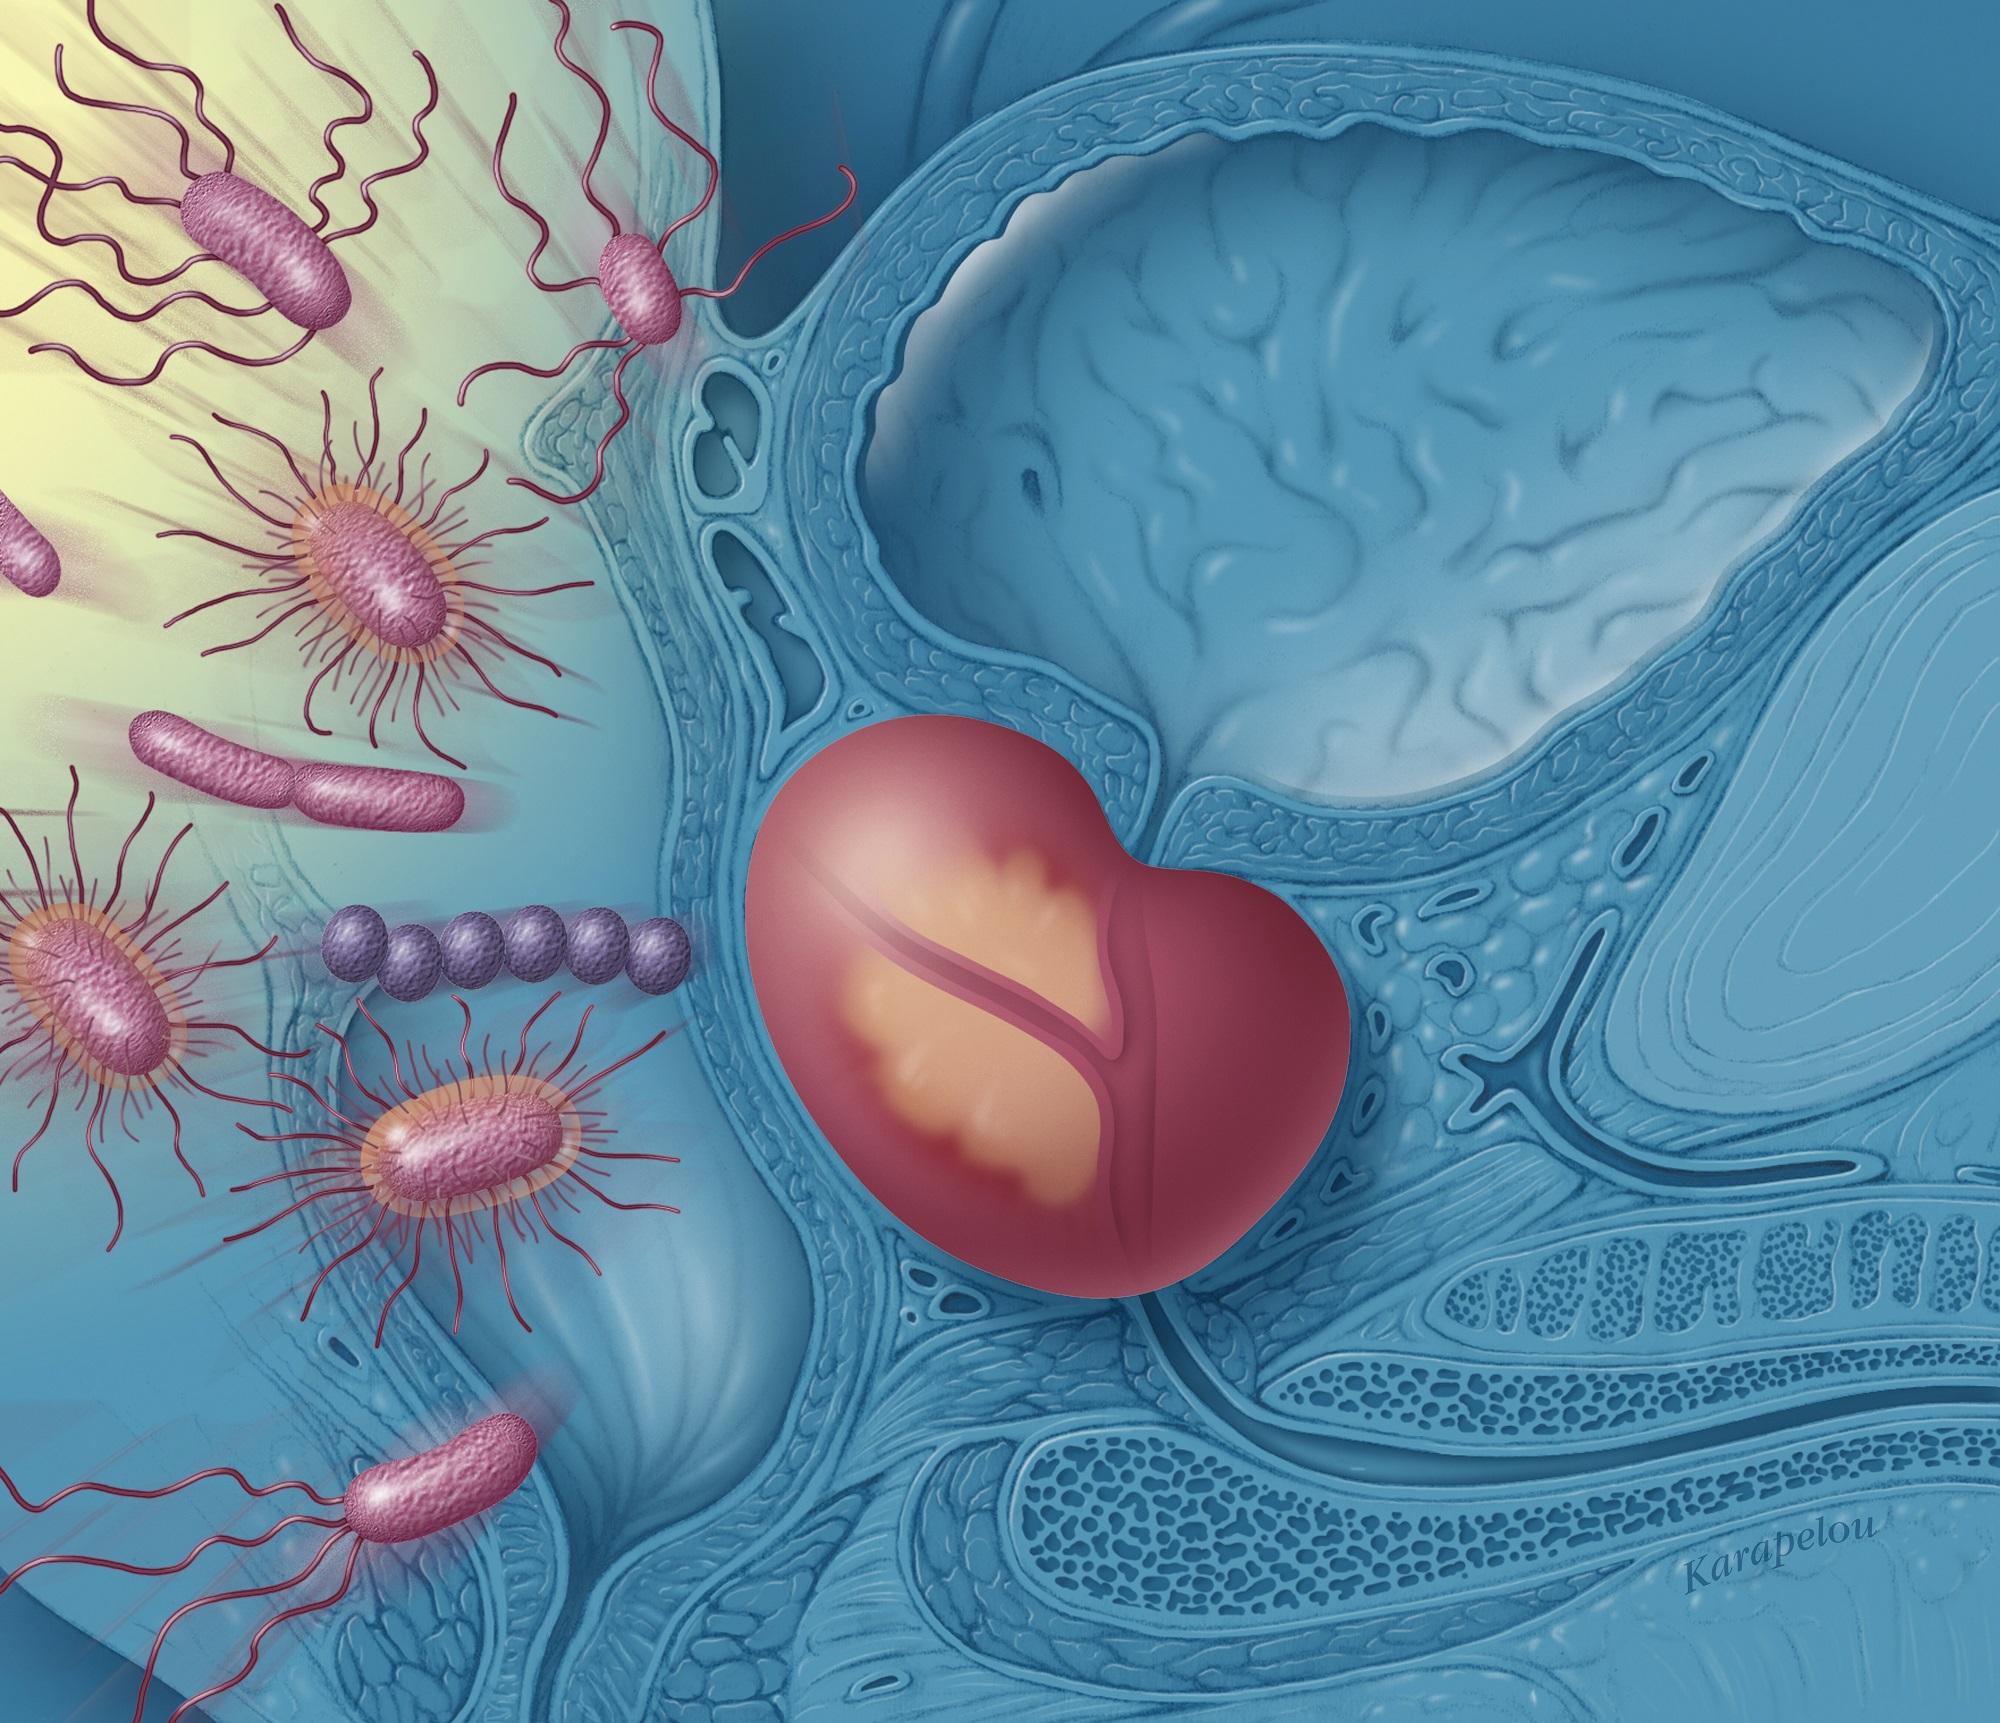 internii erecția pacientului